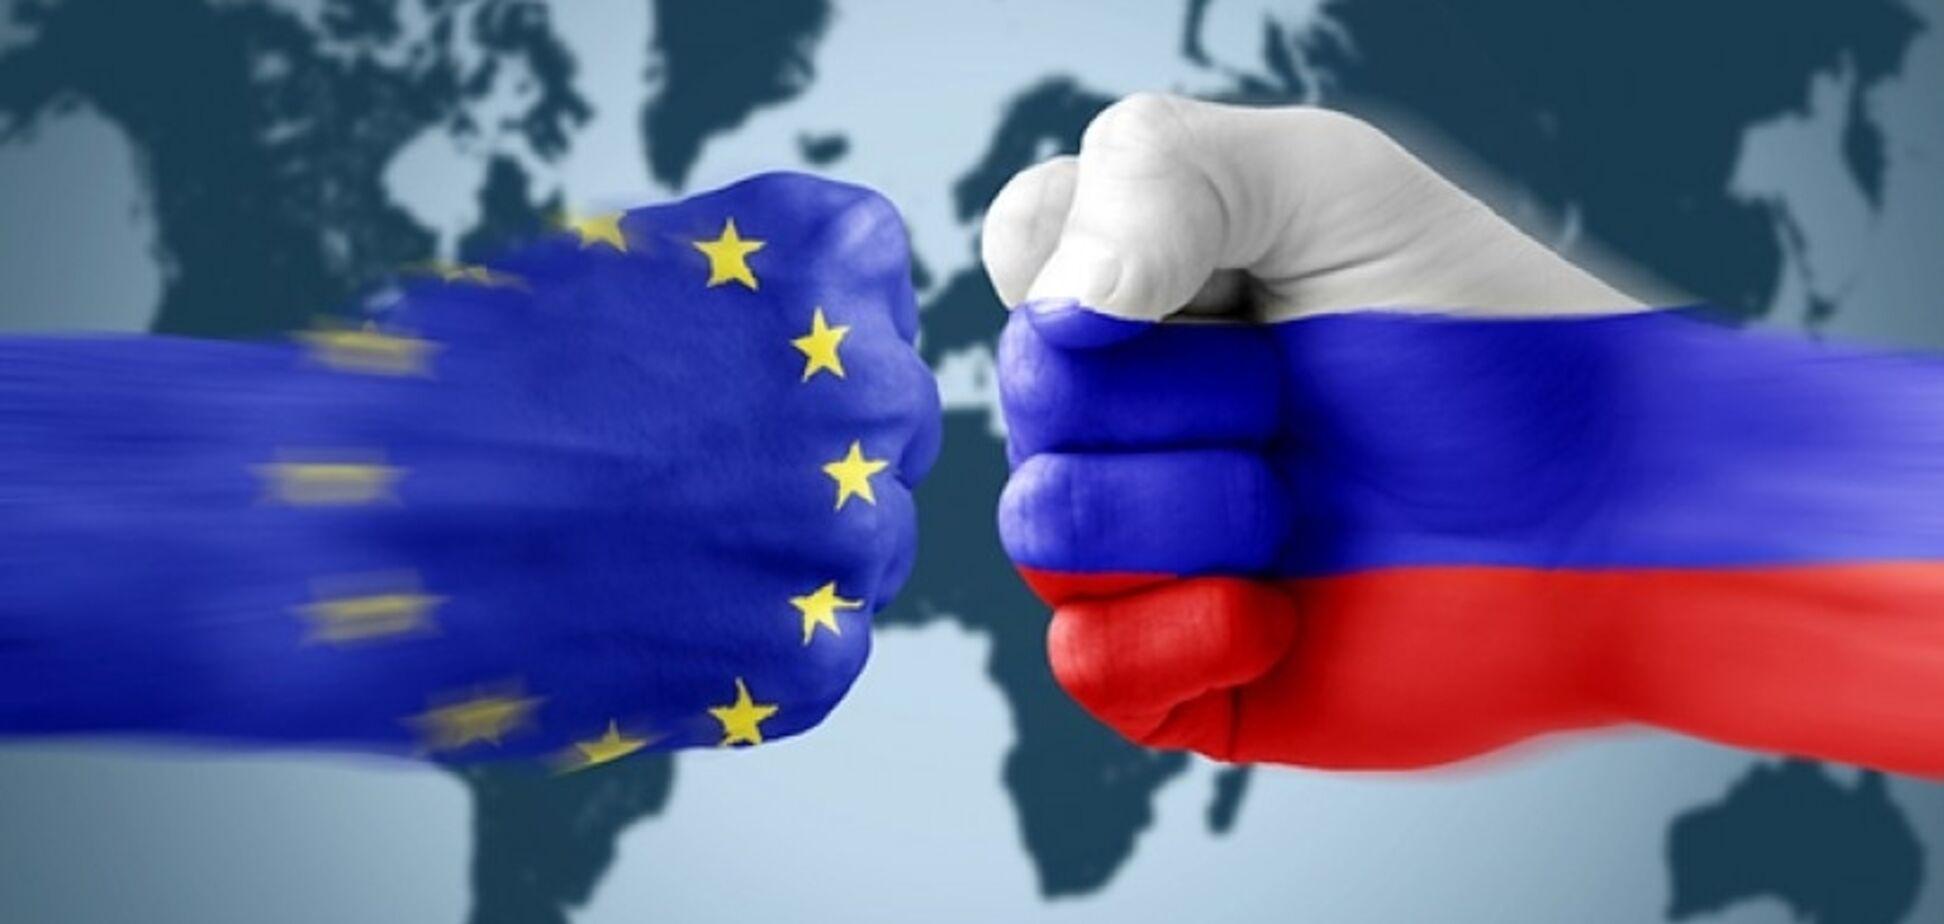 Опаснее, чем Brexit: ЕС предупредили об угрозе на выборах Украины